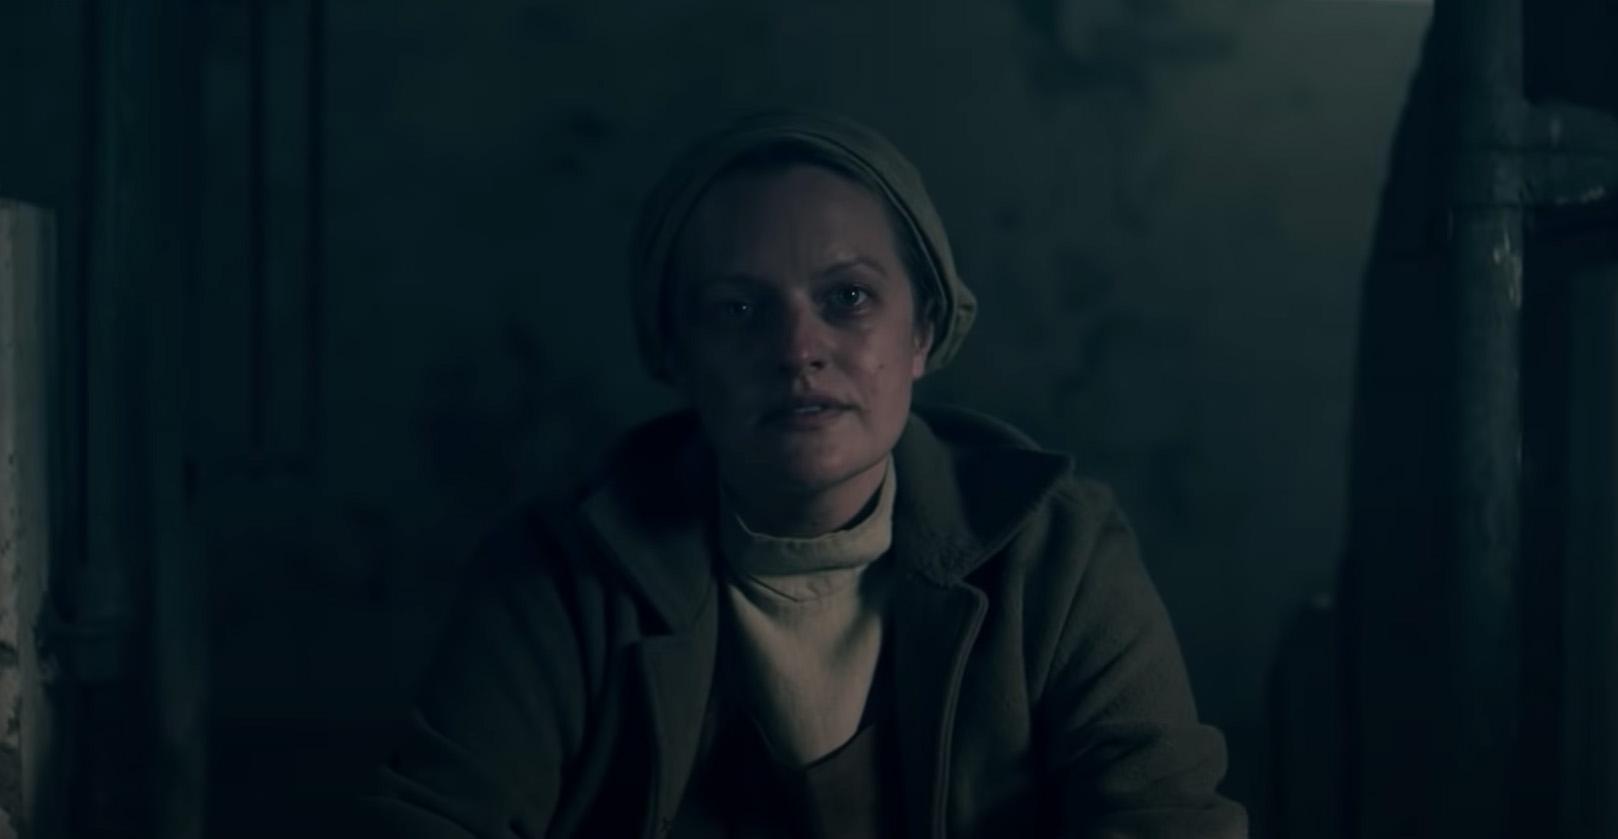 Empieza la guerra: Checa el tráiler de la 4ta temporada de 'The Handmaid's Tale'